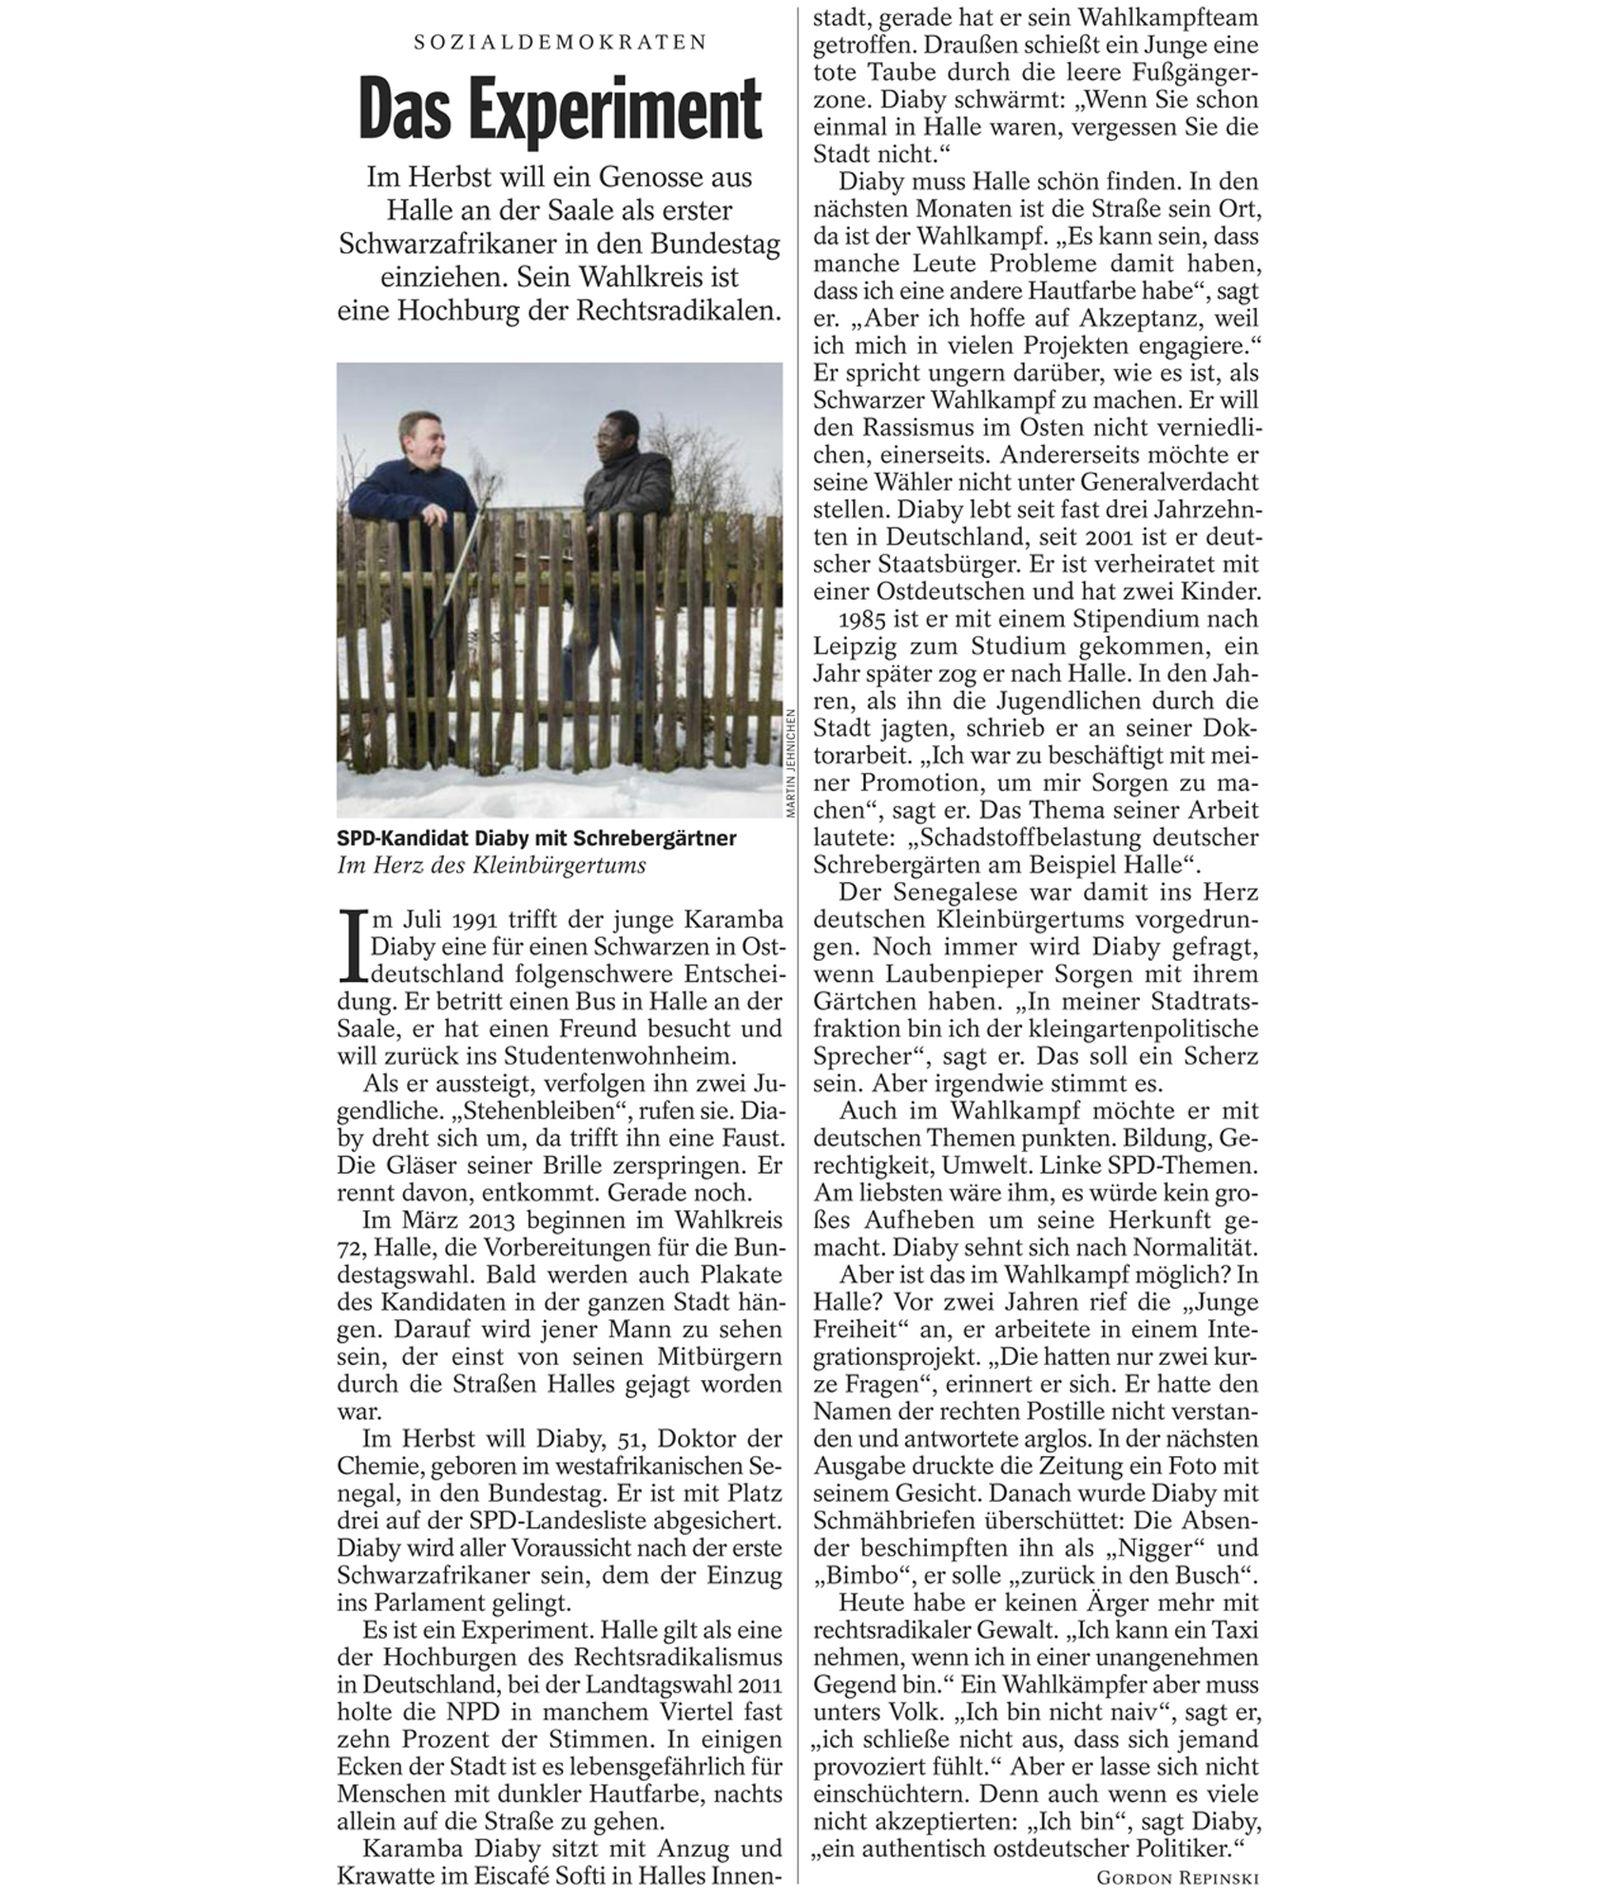 EINMALIGE VERWENDUNG SPIEGEL 14/2013 S. 24 Karamba Diaby